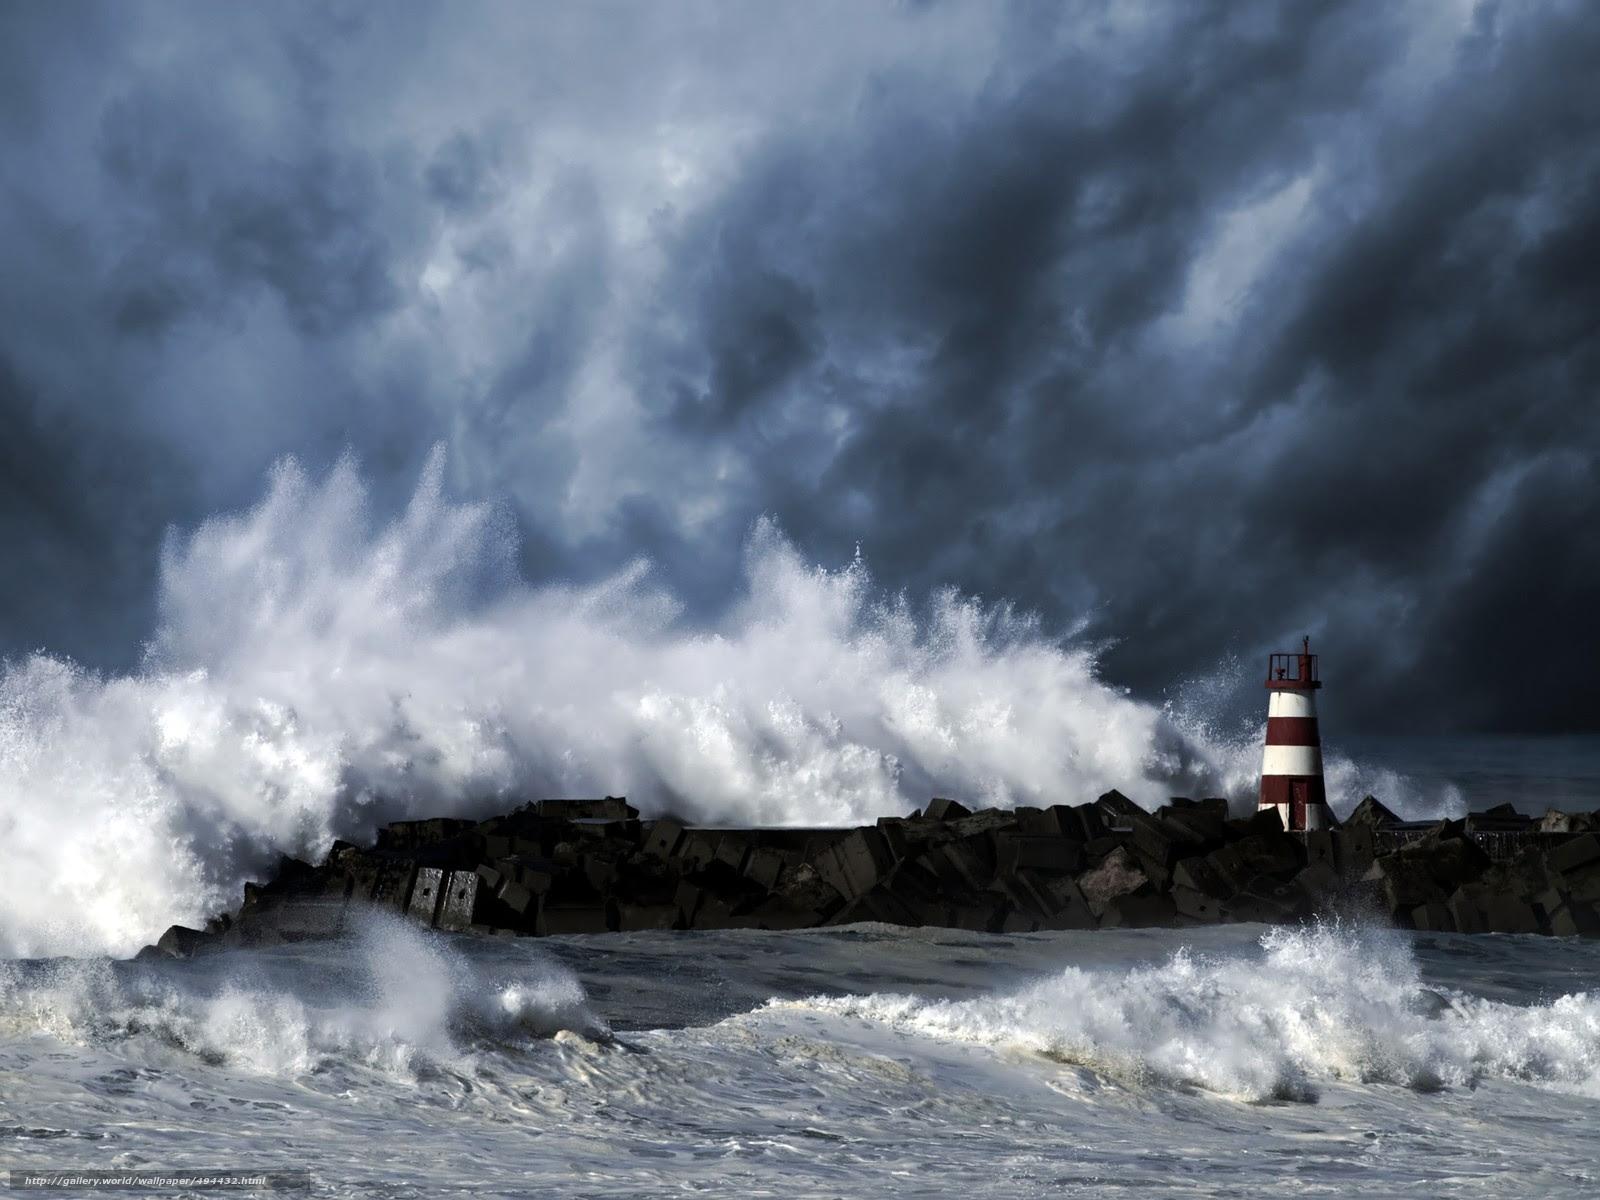 壁紙をダウンロード 海 灯台 嵐 デスクトップの解像度のための無料